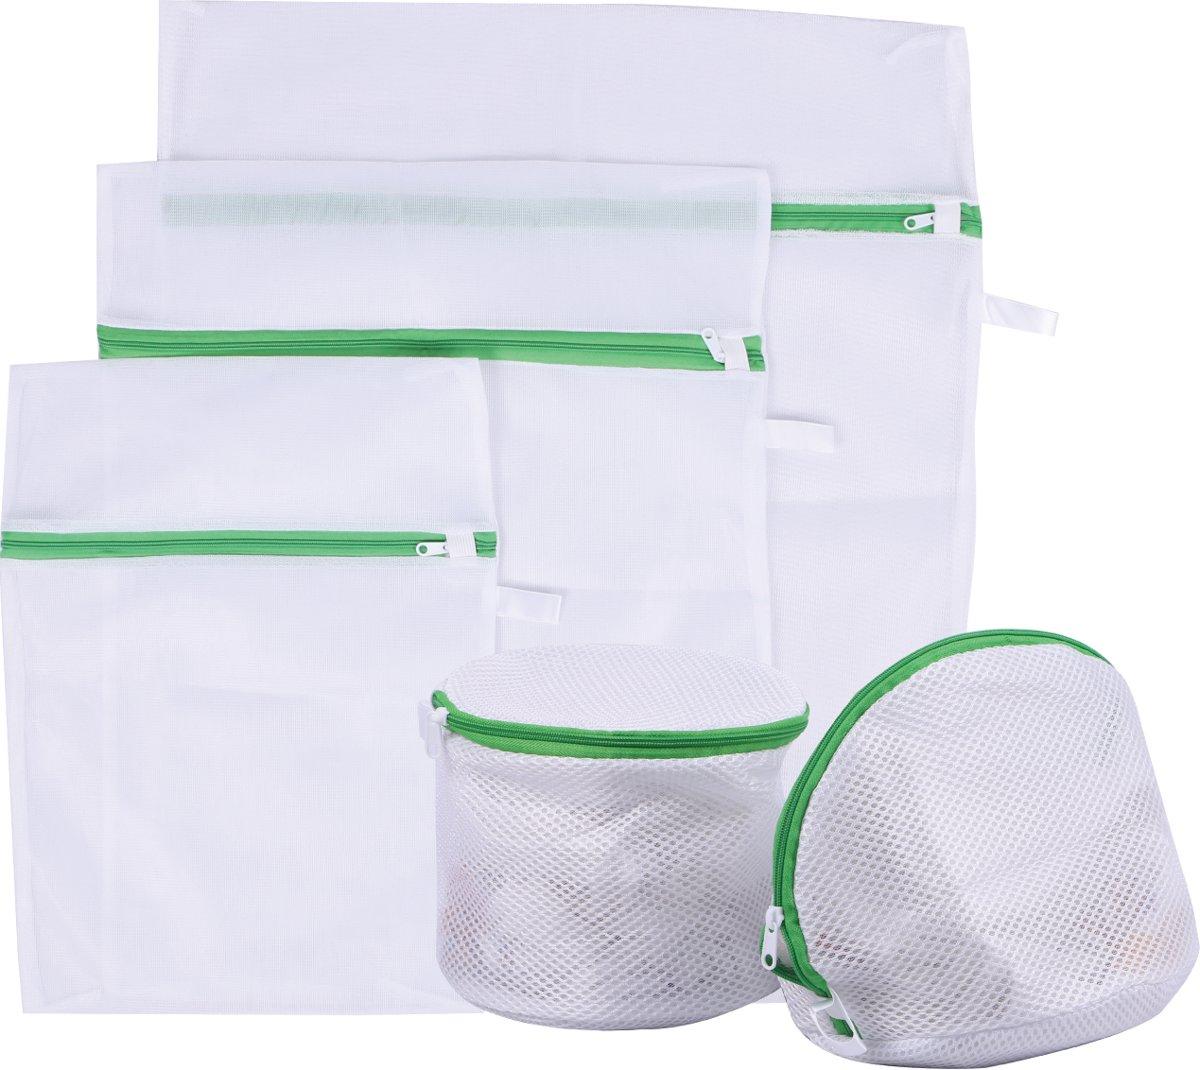 Escara Wasnet - Waszak 5 - delig - BH- Lingerie - met rits - fijn wasgoed kopen